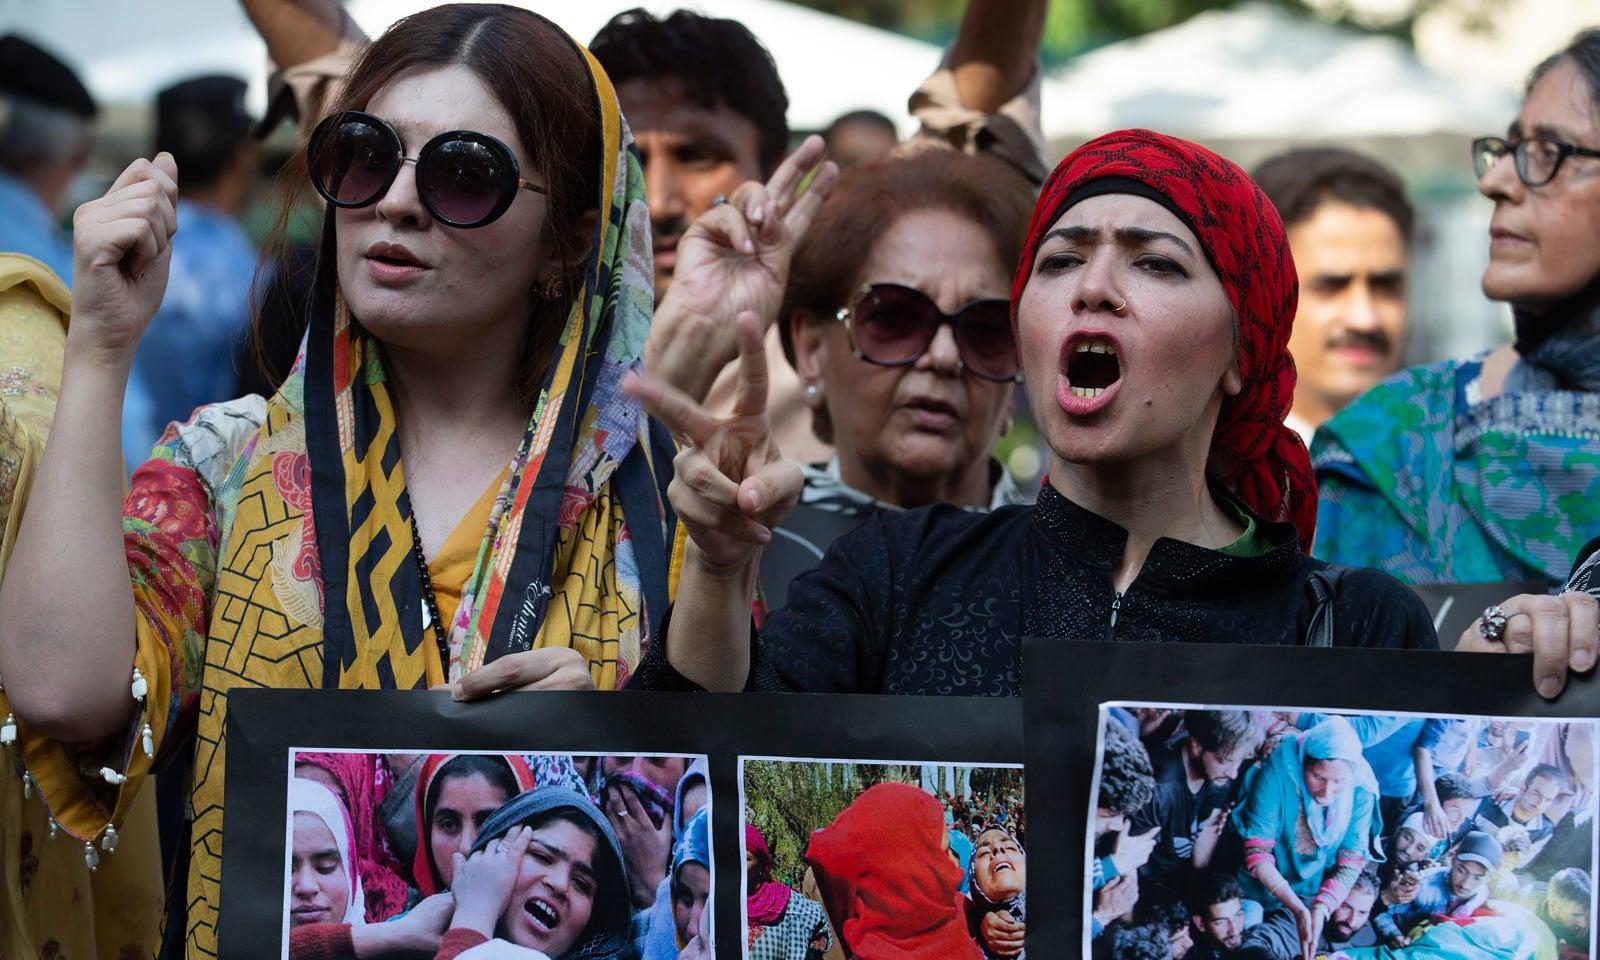 وفاقی دارالحکومت میں کشمیر آور کے موقع پر ریلی کا انعقاد کیا گیا — فوٹو: اے پی